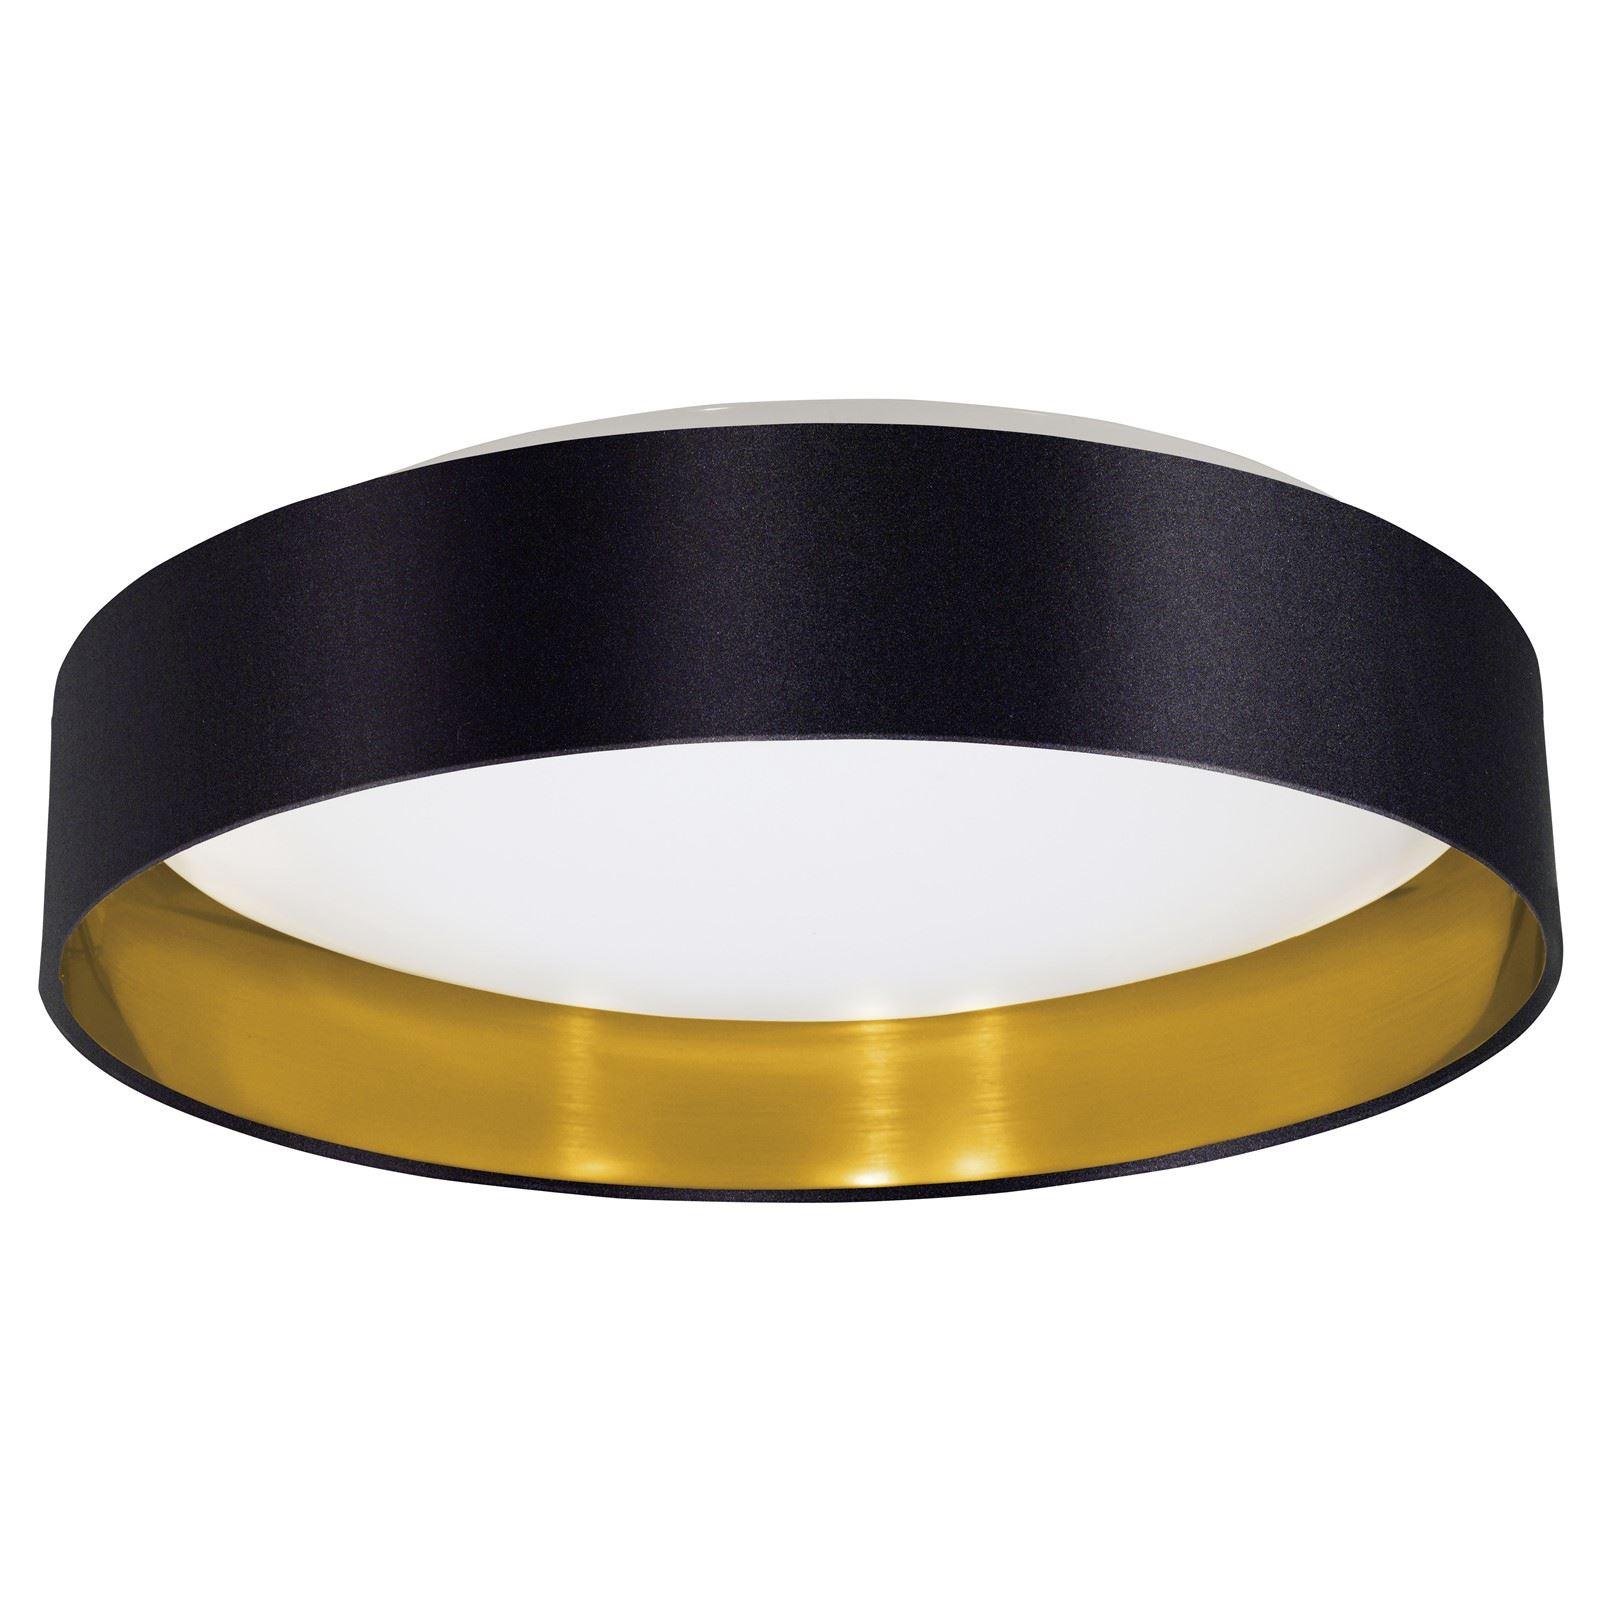 MASERLO LED Stylish Ceiling Light Plastic Steel Fabric Black Shade